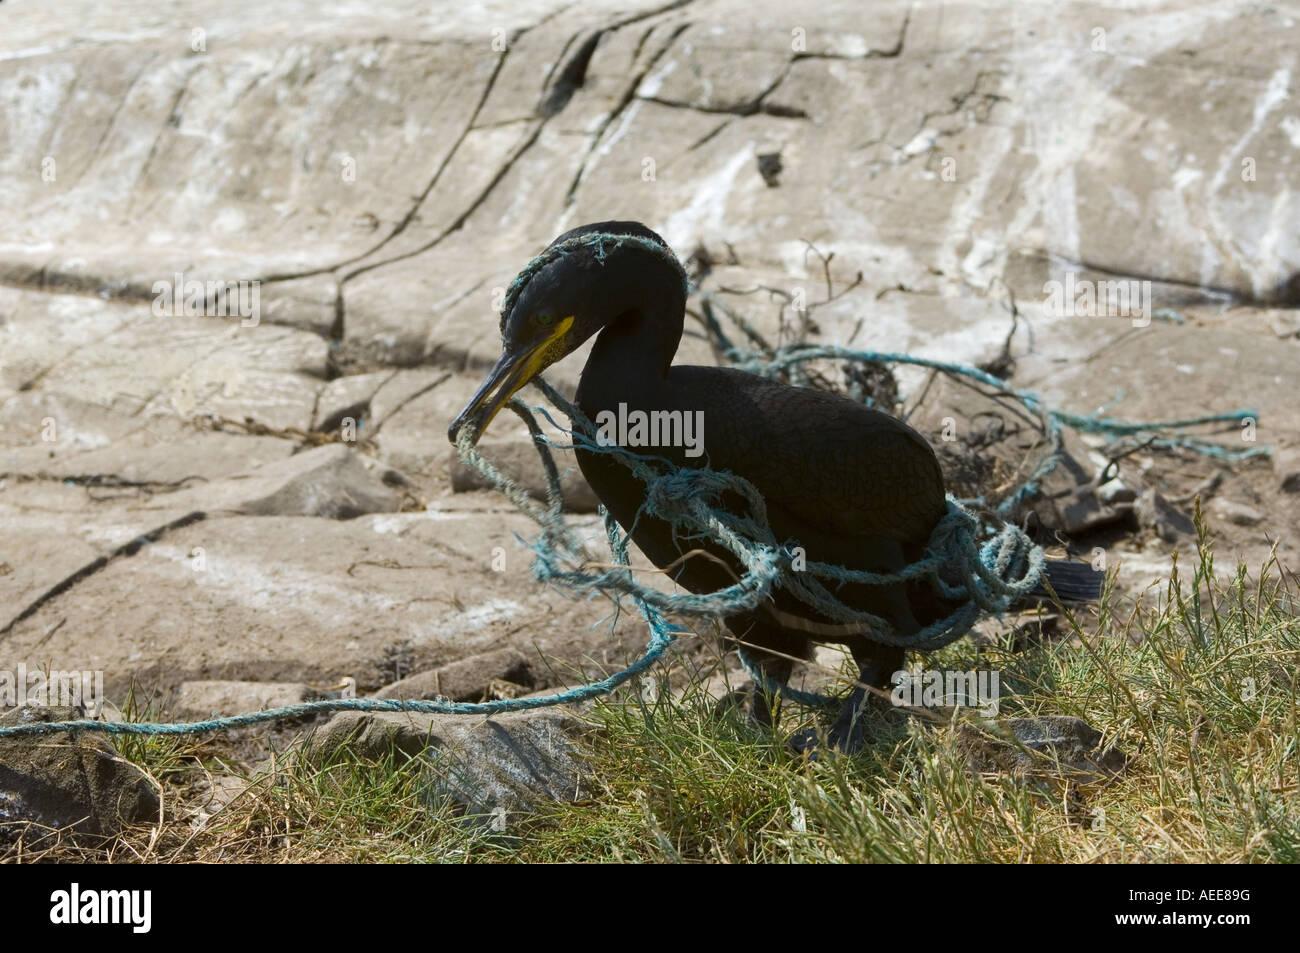 Cro Klettergerüst : Verschlungenes seil stockfotos & bilder alamy